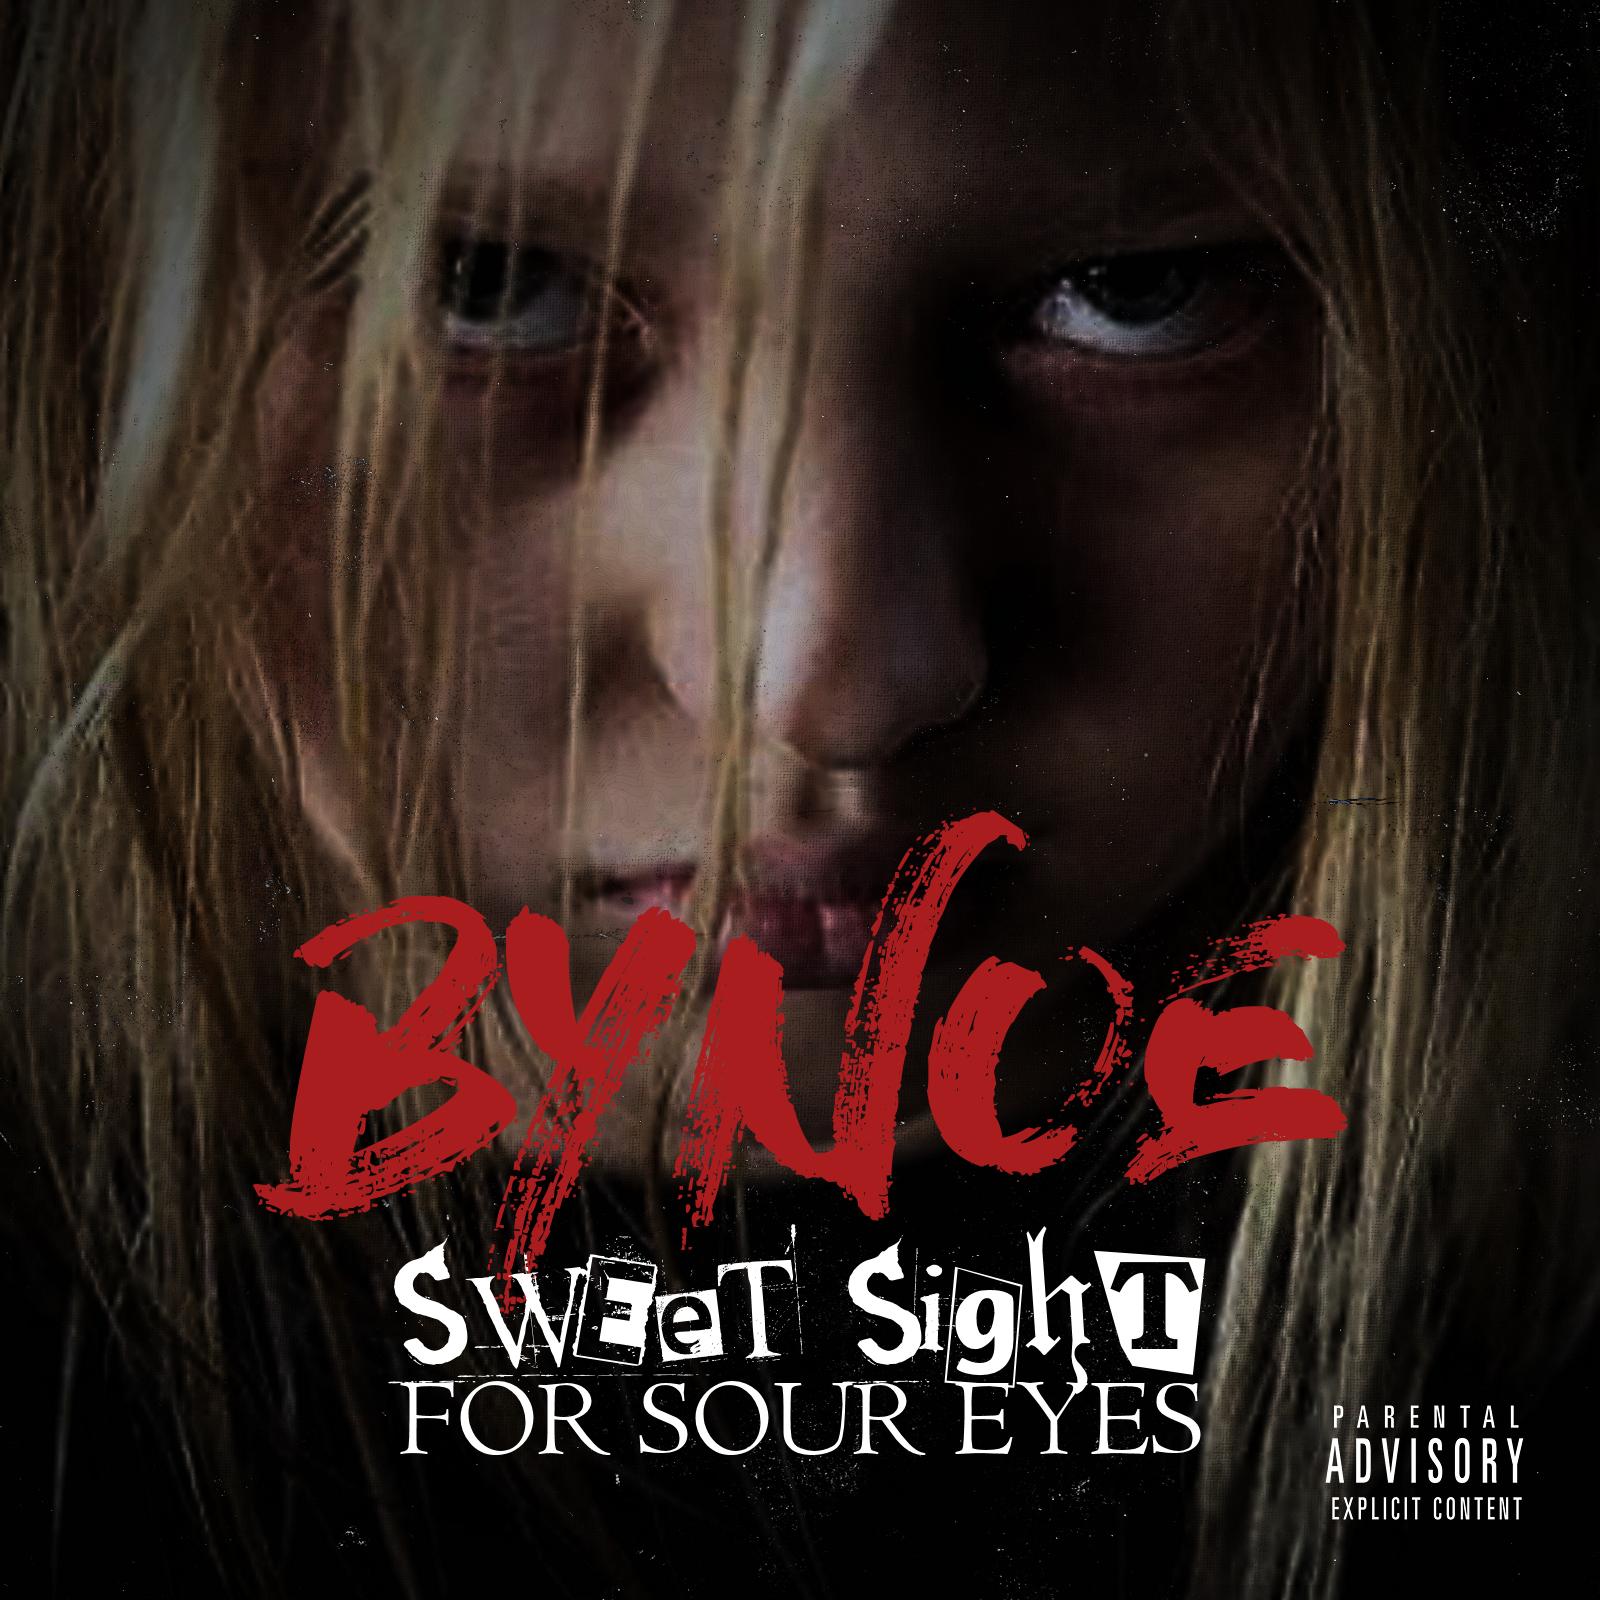 Bynoe Sweet Sight For Sour Eyes Cover Art.jpg